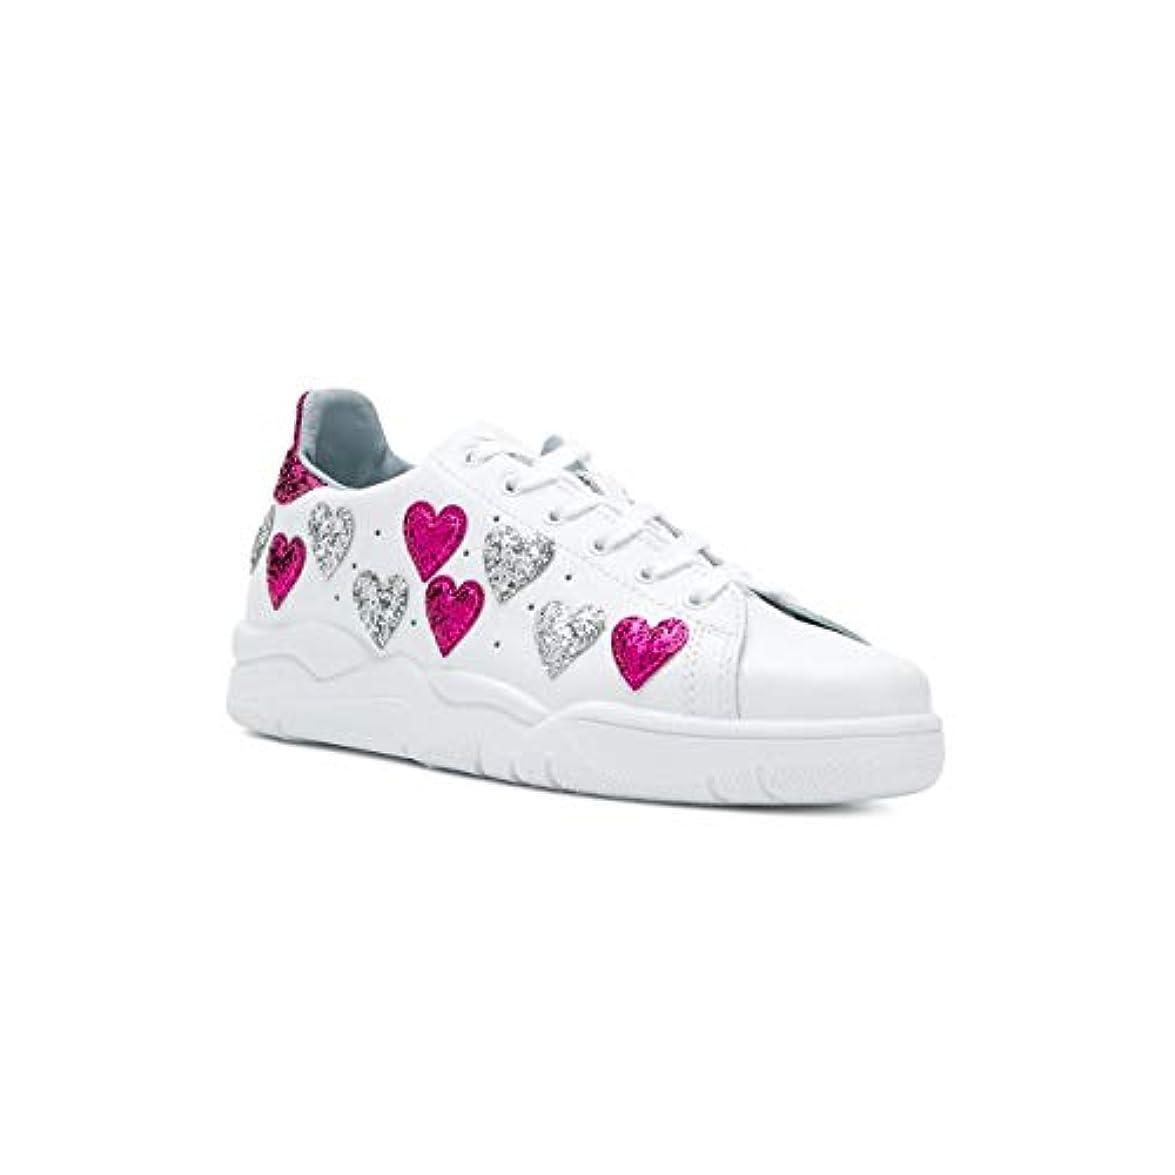 Chiara Ferragni Sneakers Donna Cf2070 Pelle Bianco